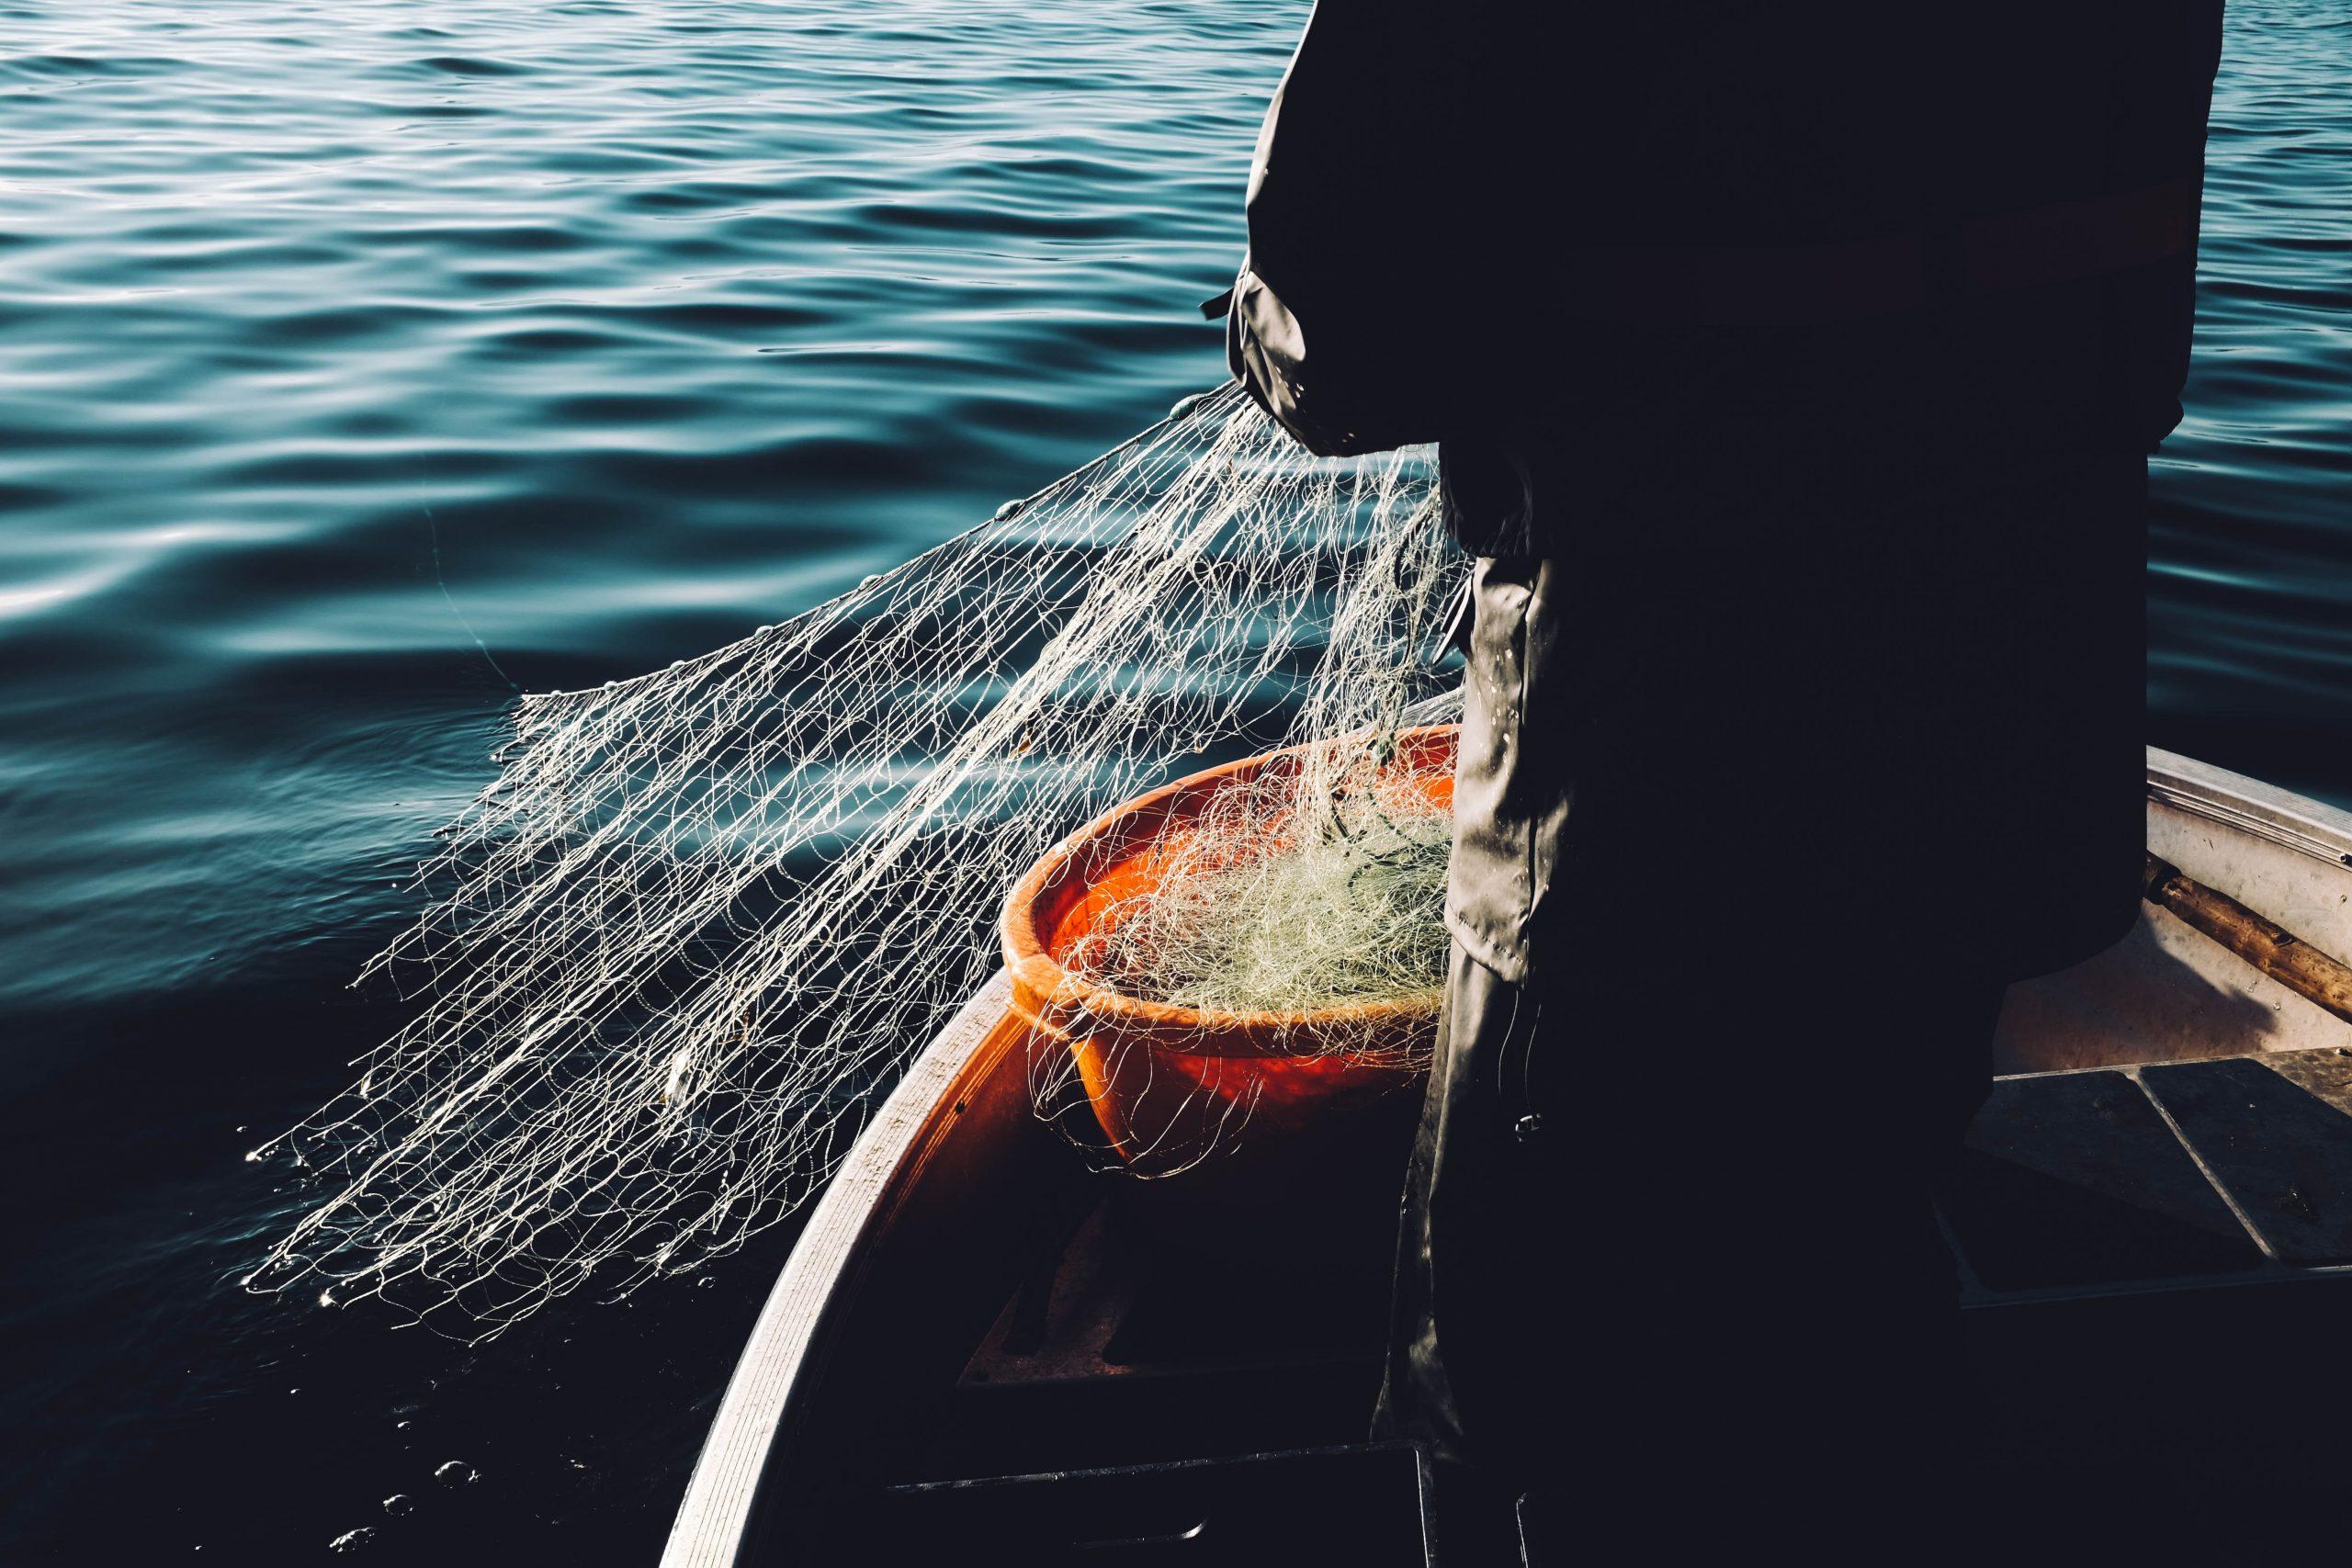 Pesca industriale e pesca artigianale: quale è la differenza?